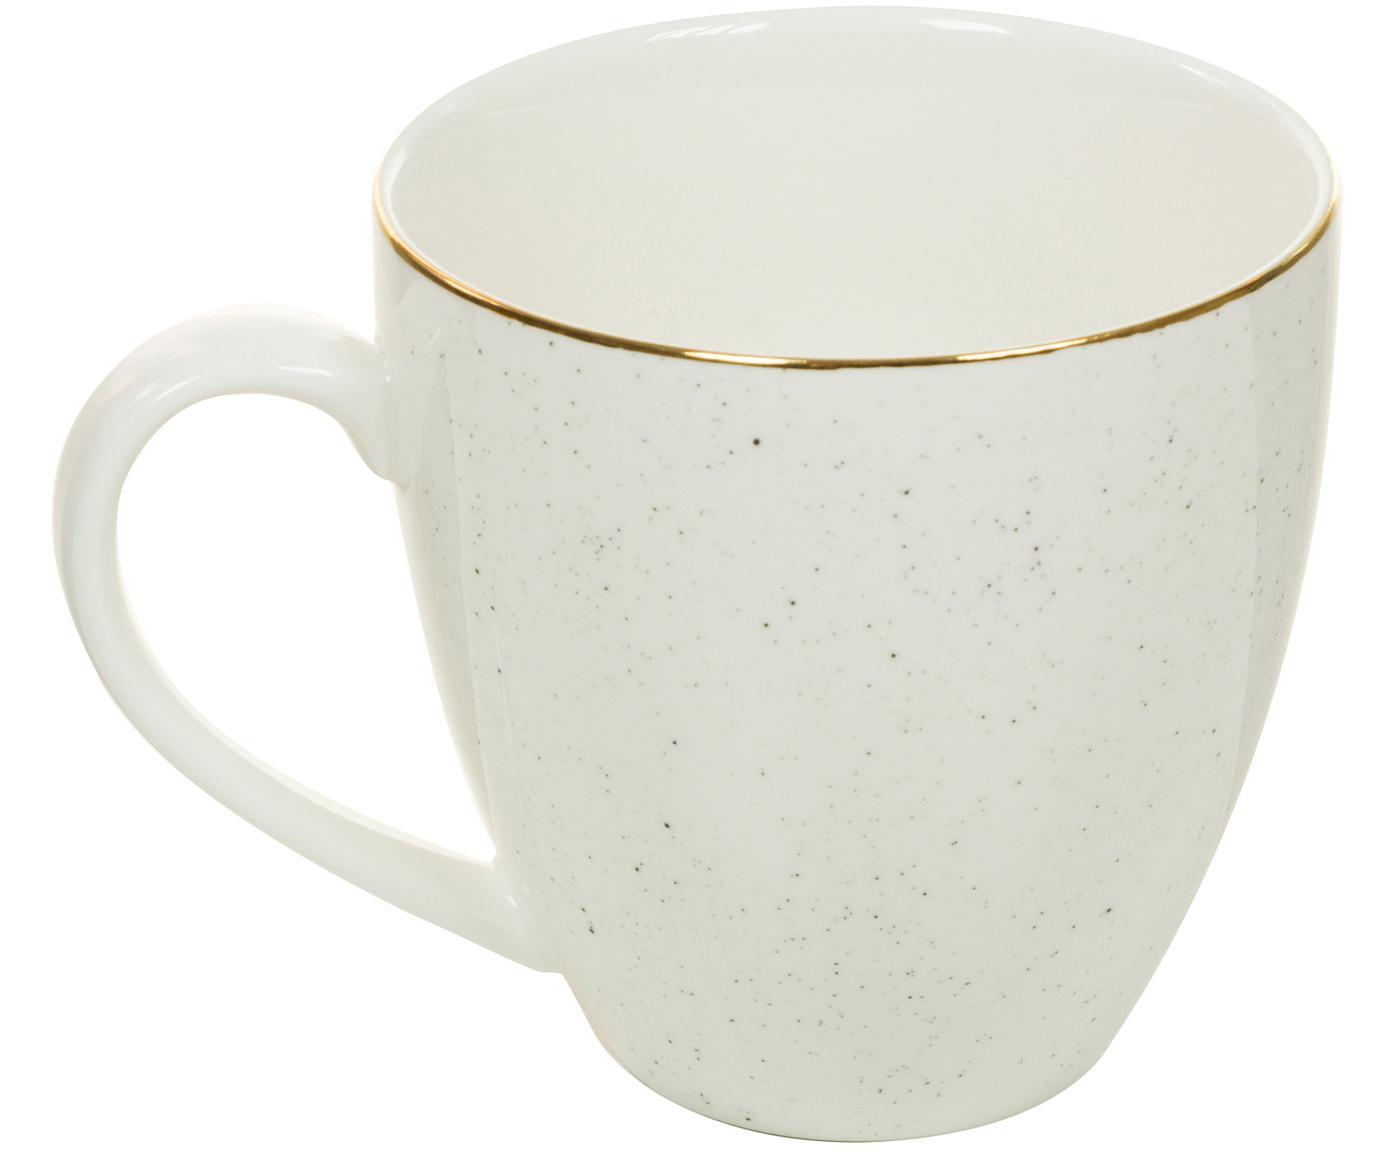 Handgemachte Kaffeetassen Bol mit Goldrand, 2 Stück, Porzellan, Cremeweiß, Ø 9 x H 9 cm